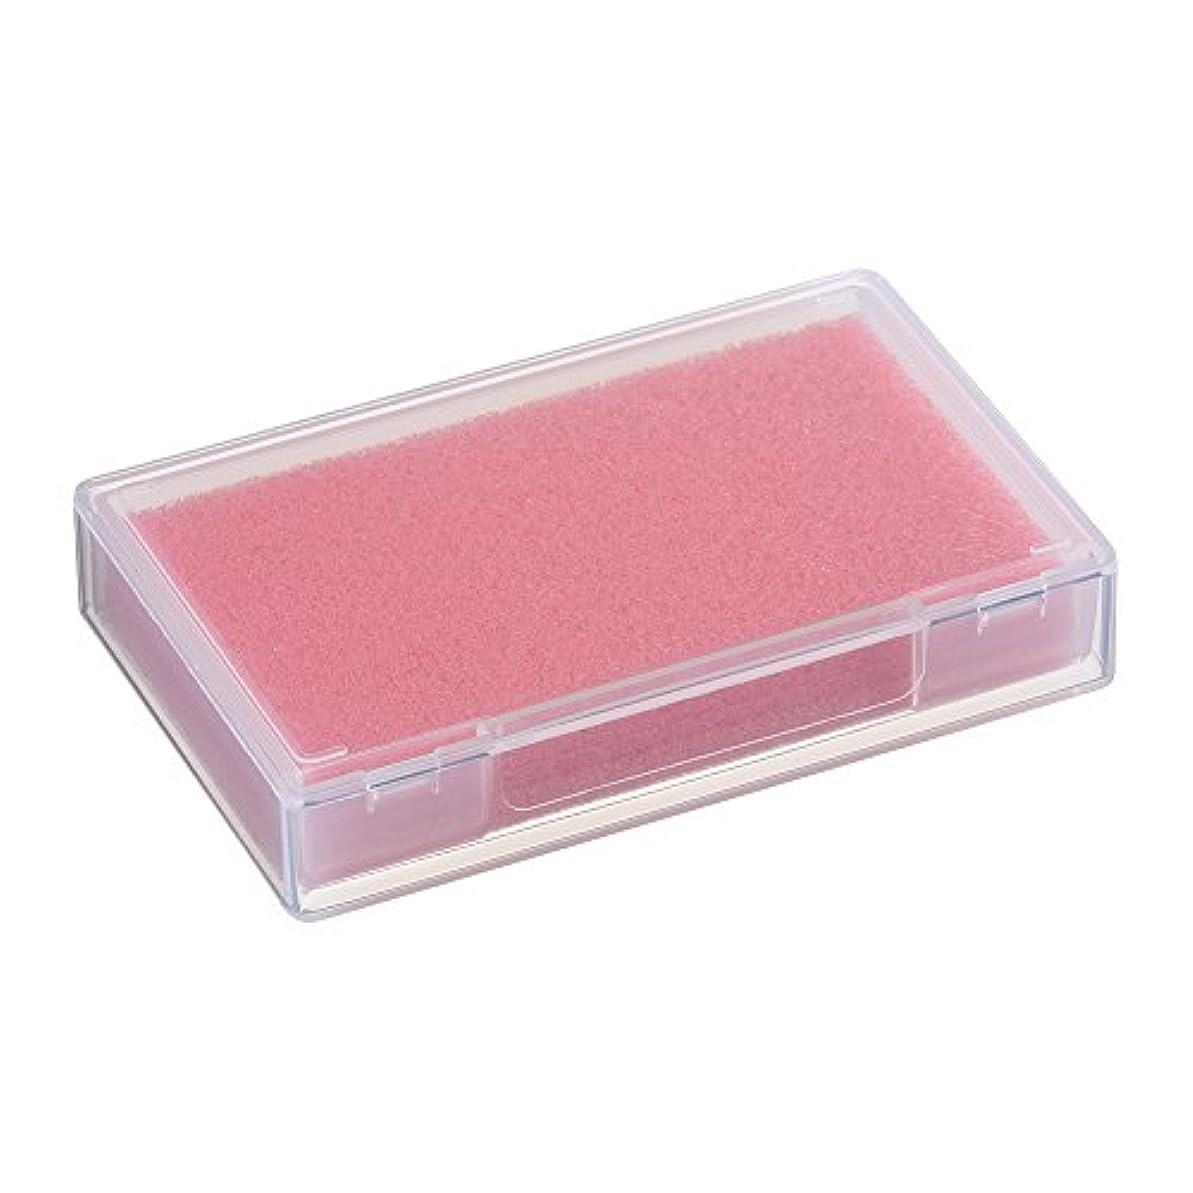 打倒怠抹消ネイルチップケース ピンク